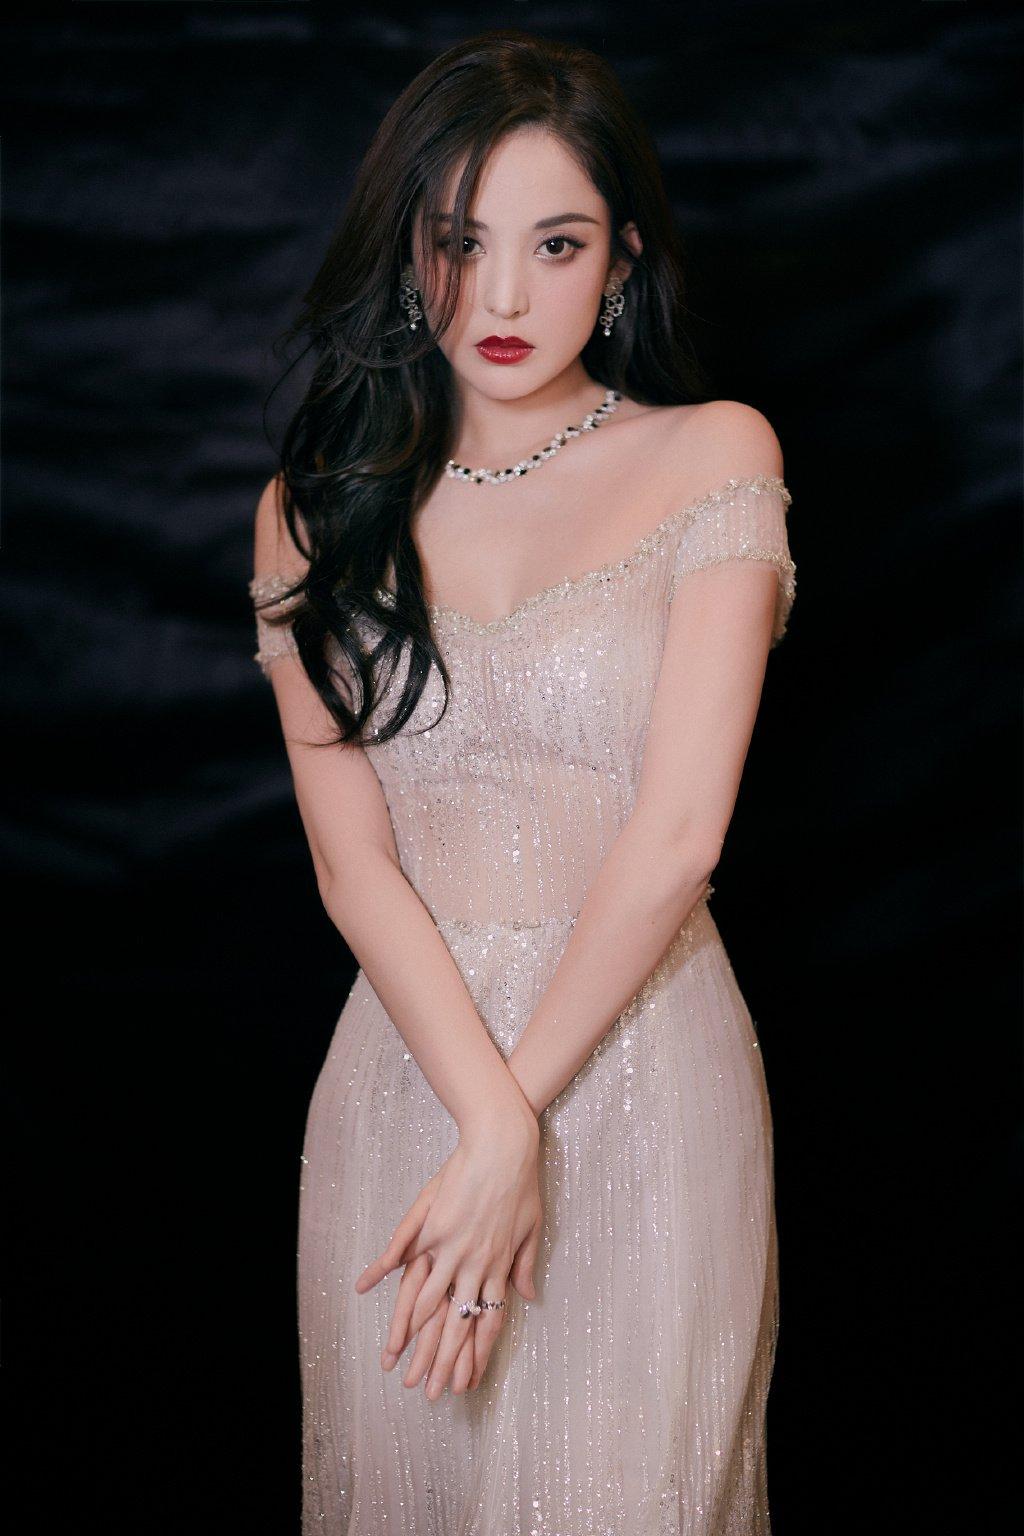 古力娜扎浪漫白裙性感写真图片